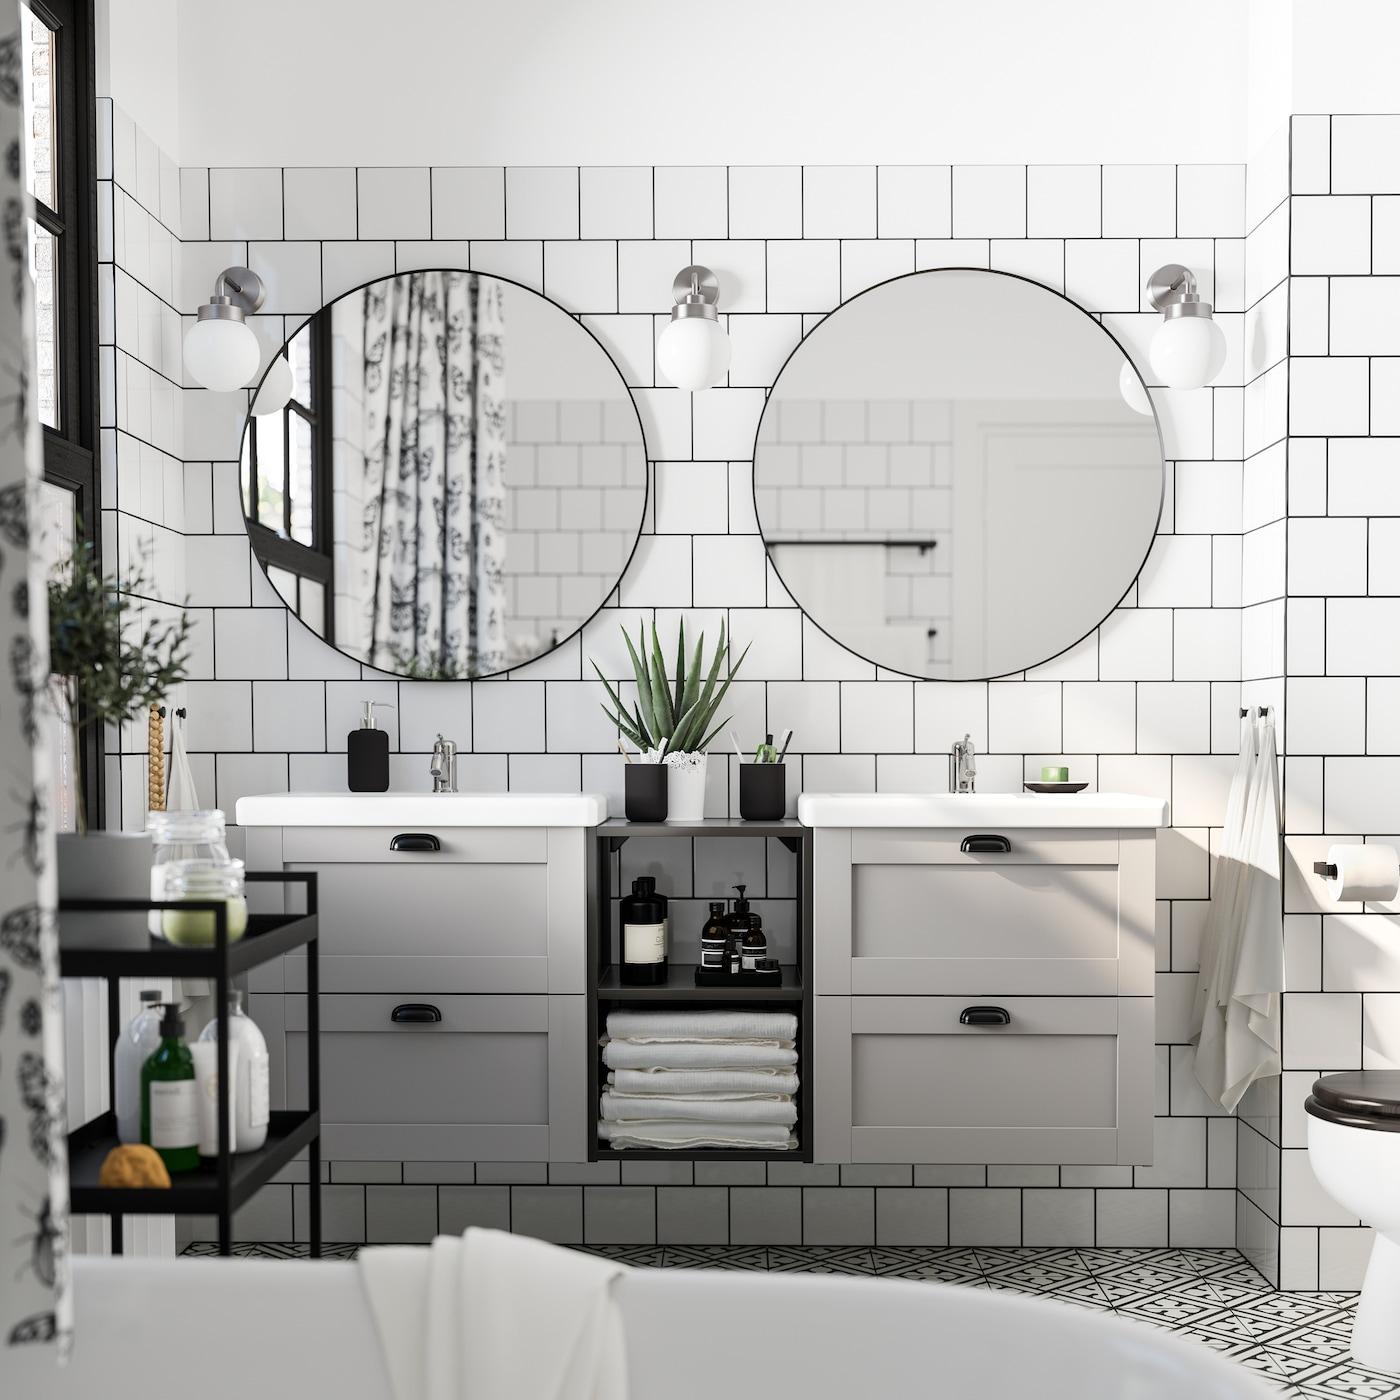 Wyłożona białymi płytkami łazienka z dwoma okrągłymi lustrami, dwoma szarymi szafkami z białymi umywalkami, czarnym wózkiem i trzema lampami ściennymi.